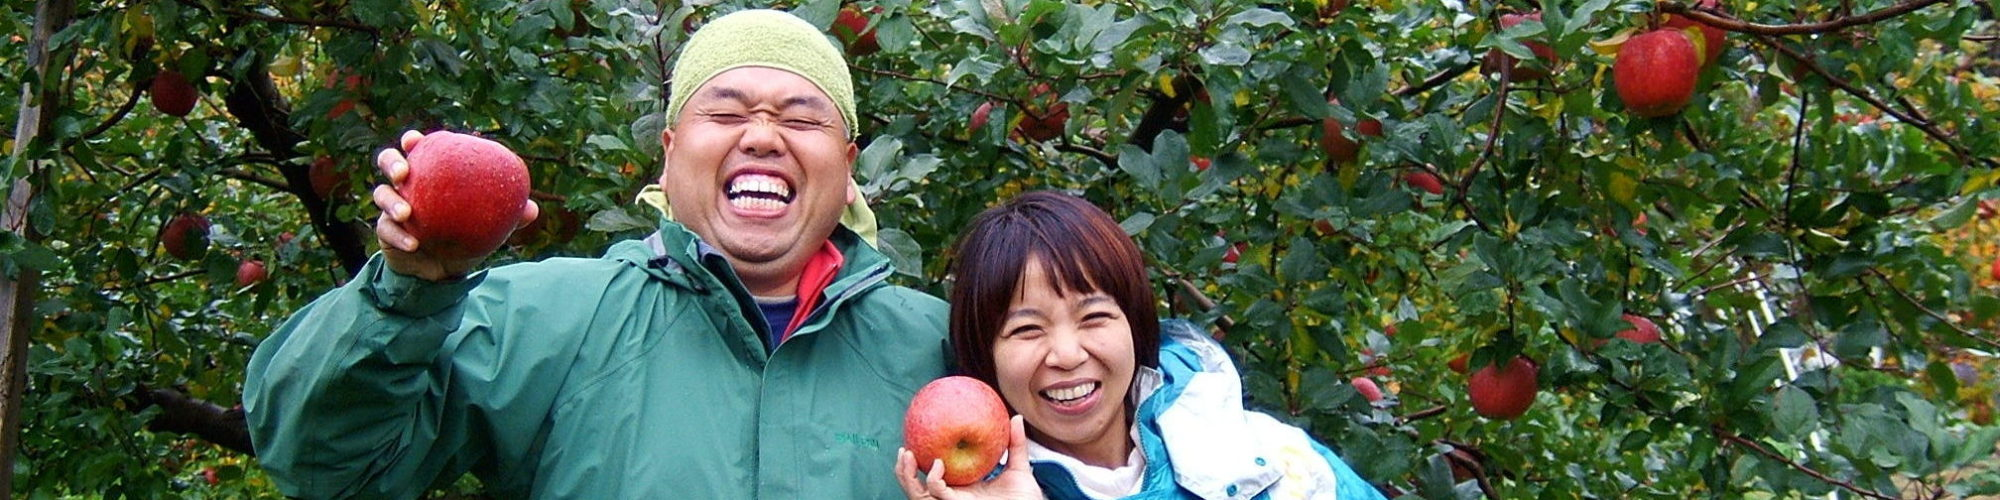 リンゴカップル